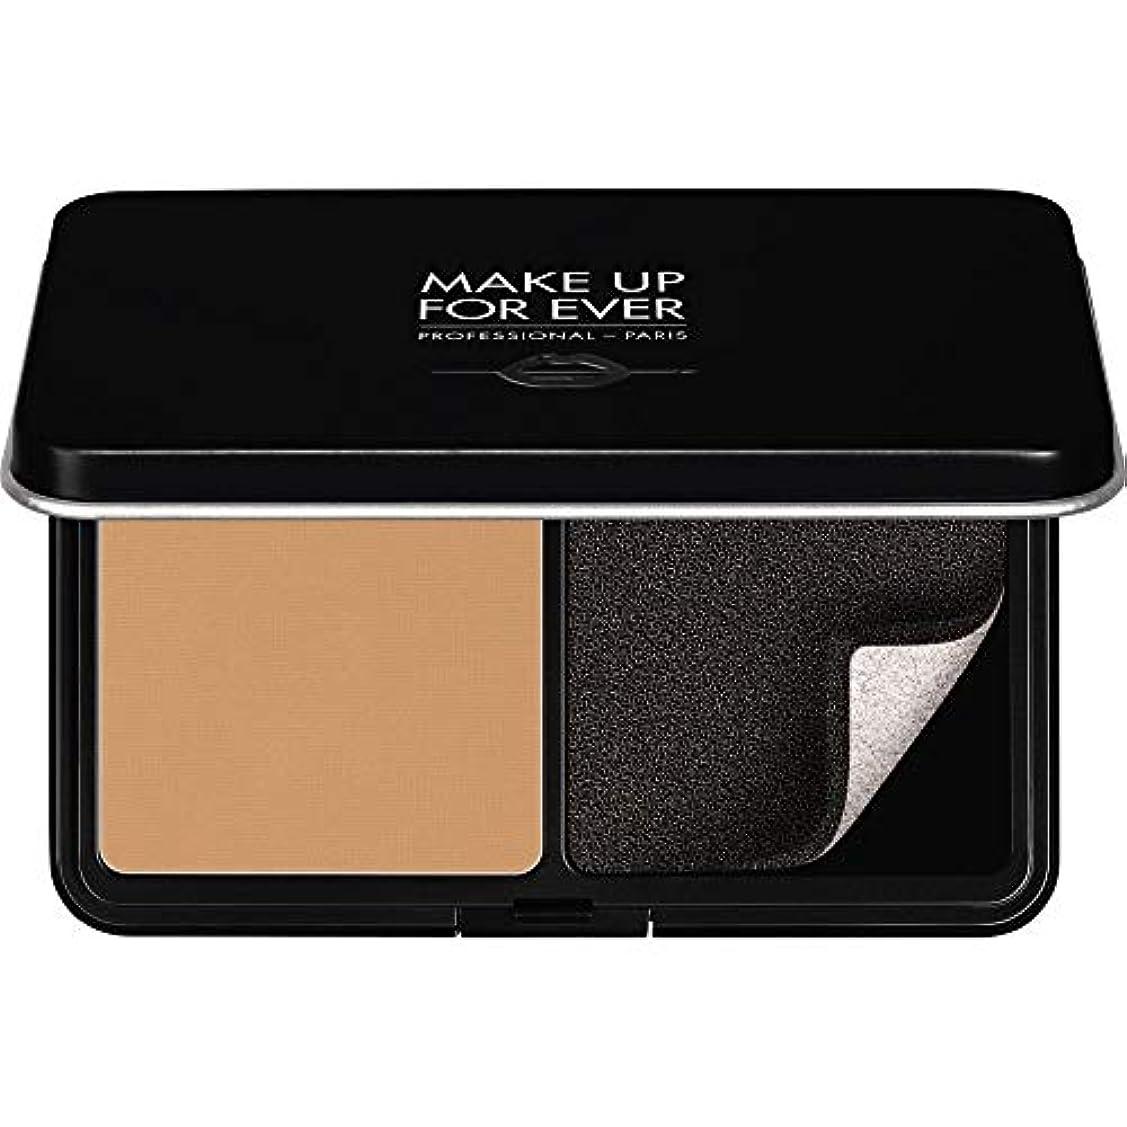 閉塞帳面許容できる[MAKE UP FOR EVER ] 黄金の砂 - パウダーファンデーション11GののY375をぼかし、これまでマットベルベットの肌を補います - MAKE UP FOR EVER Matte Velvet Skin Blurring Powder Foundation 11g Y375 - Golden Sand [並行輸入品]